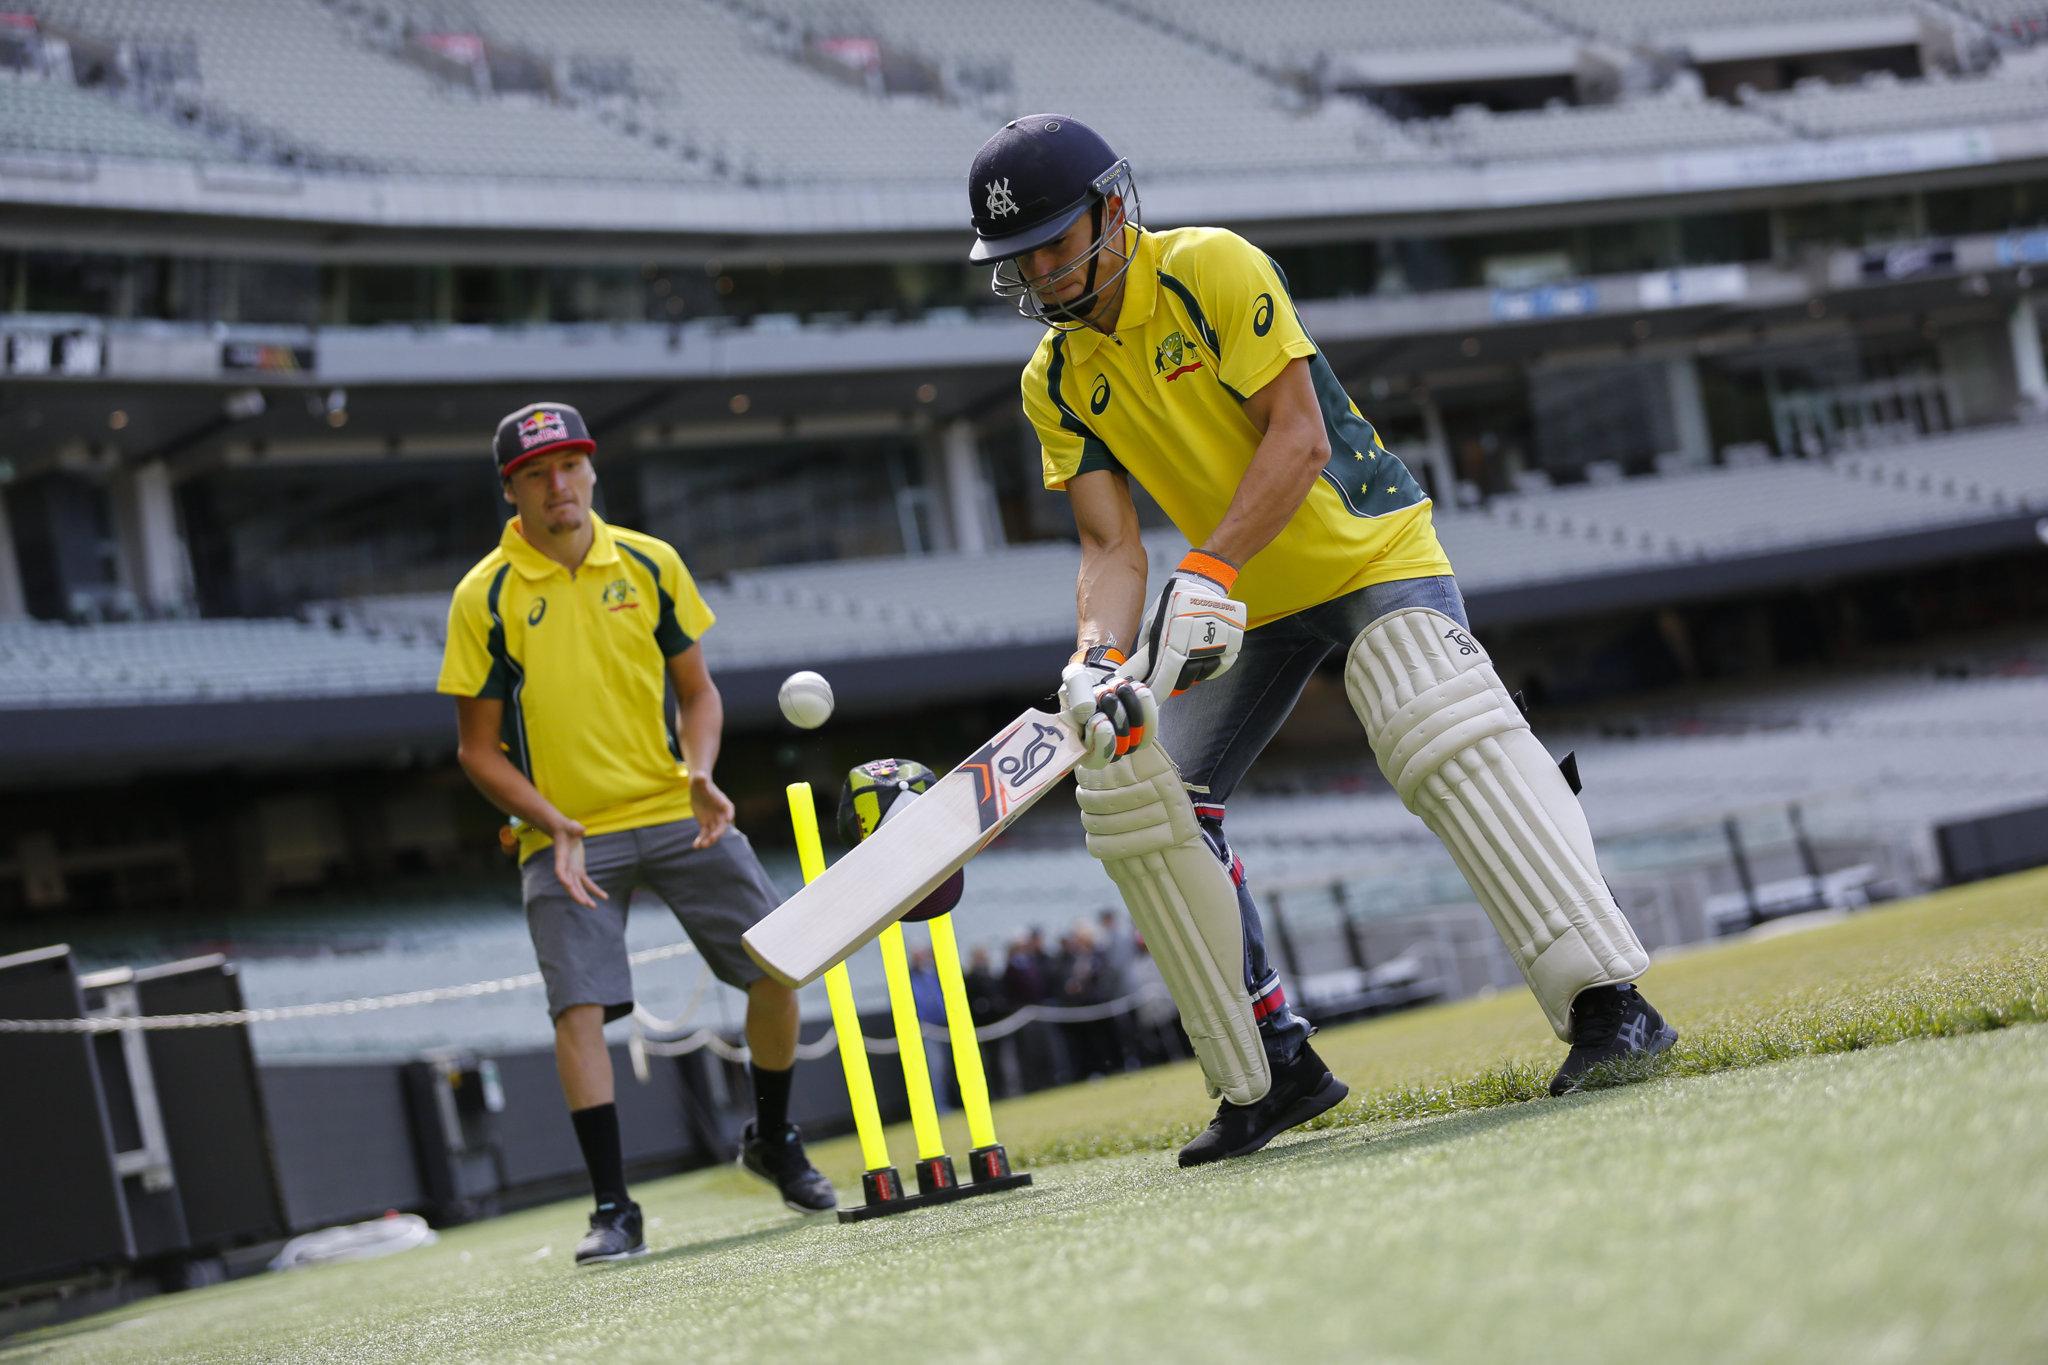 Márquez batea una bola de cricket con Jack Miller detrás.